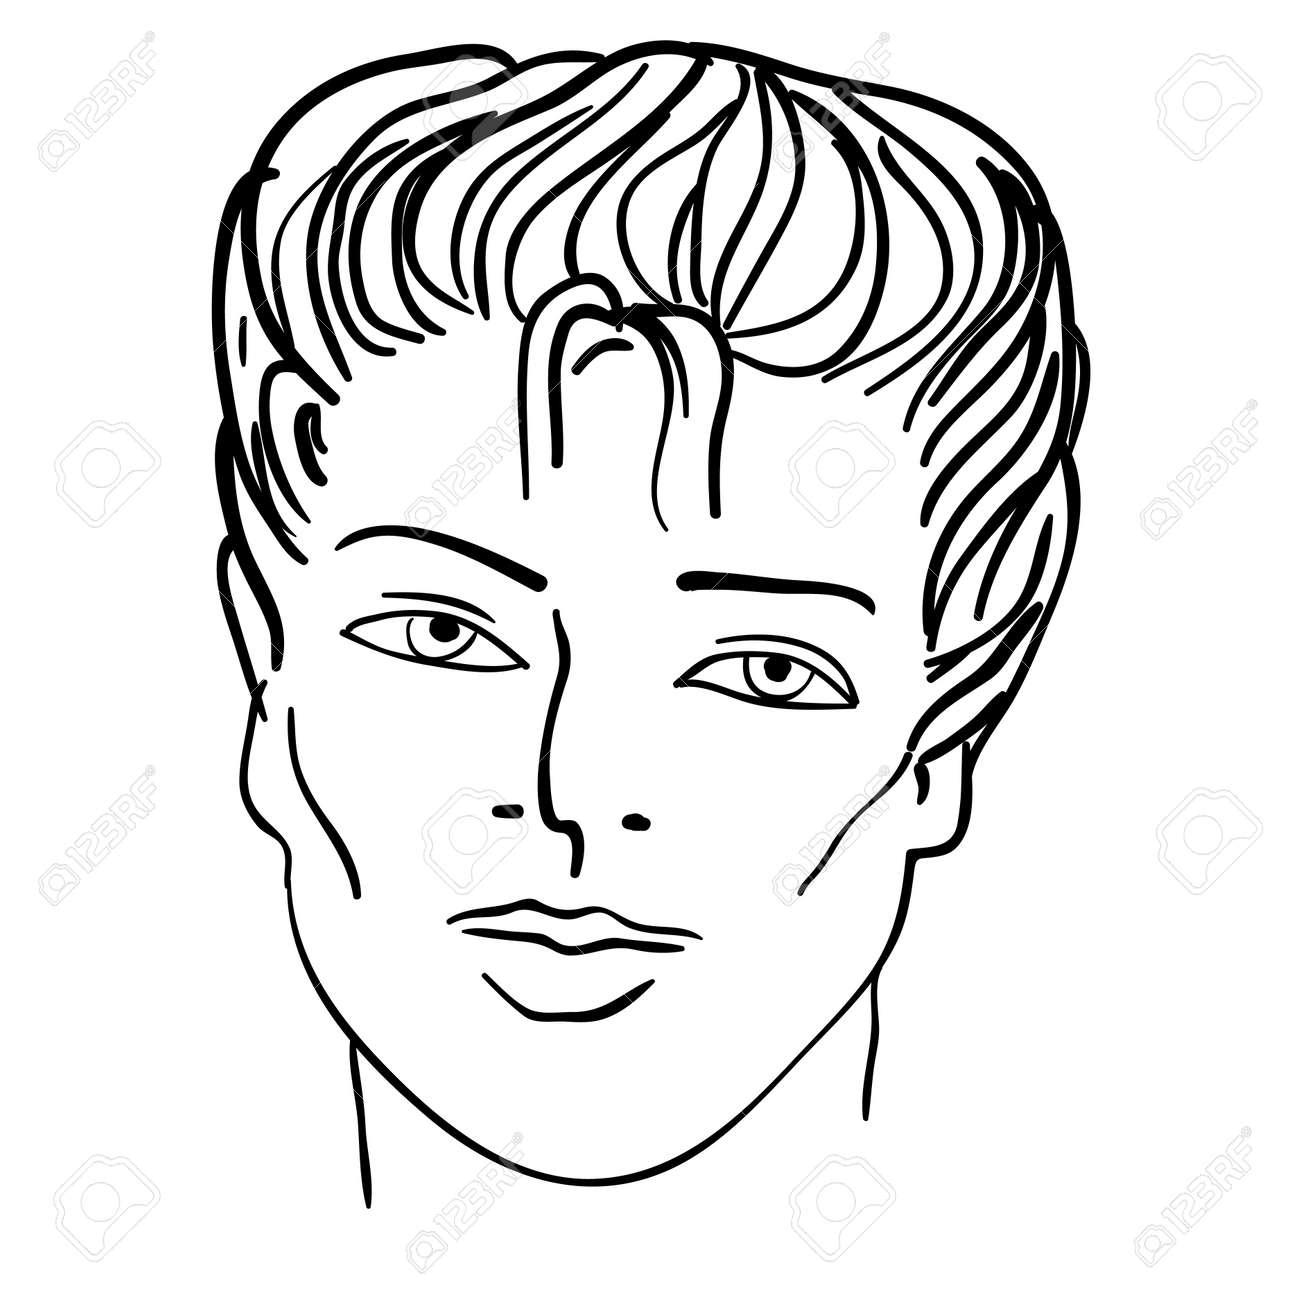 Illustration Visage dessinées à la main mannequin. illustration. visage de l'homme clip